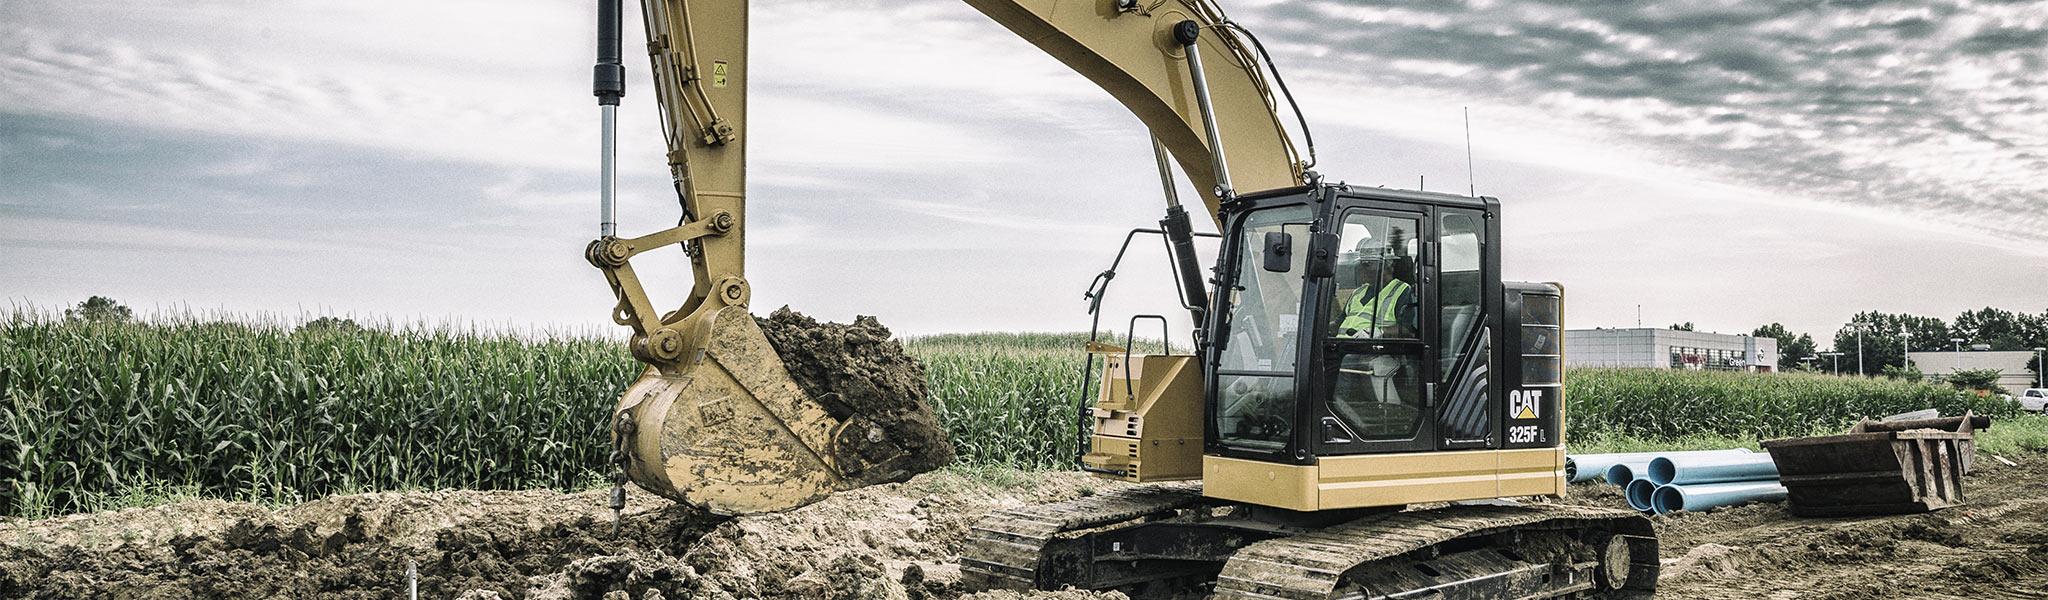 Cat® 325F L compact radius excavator.